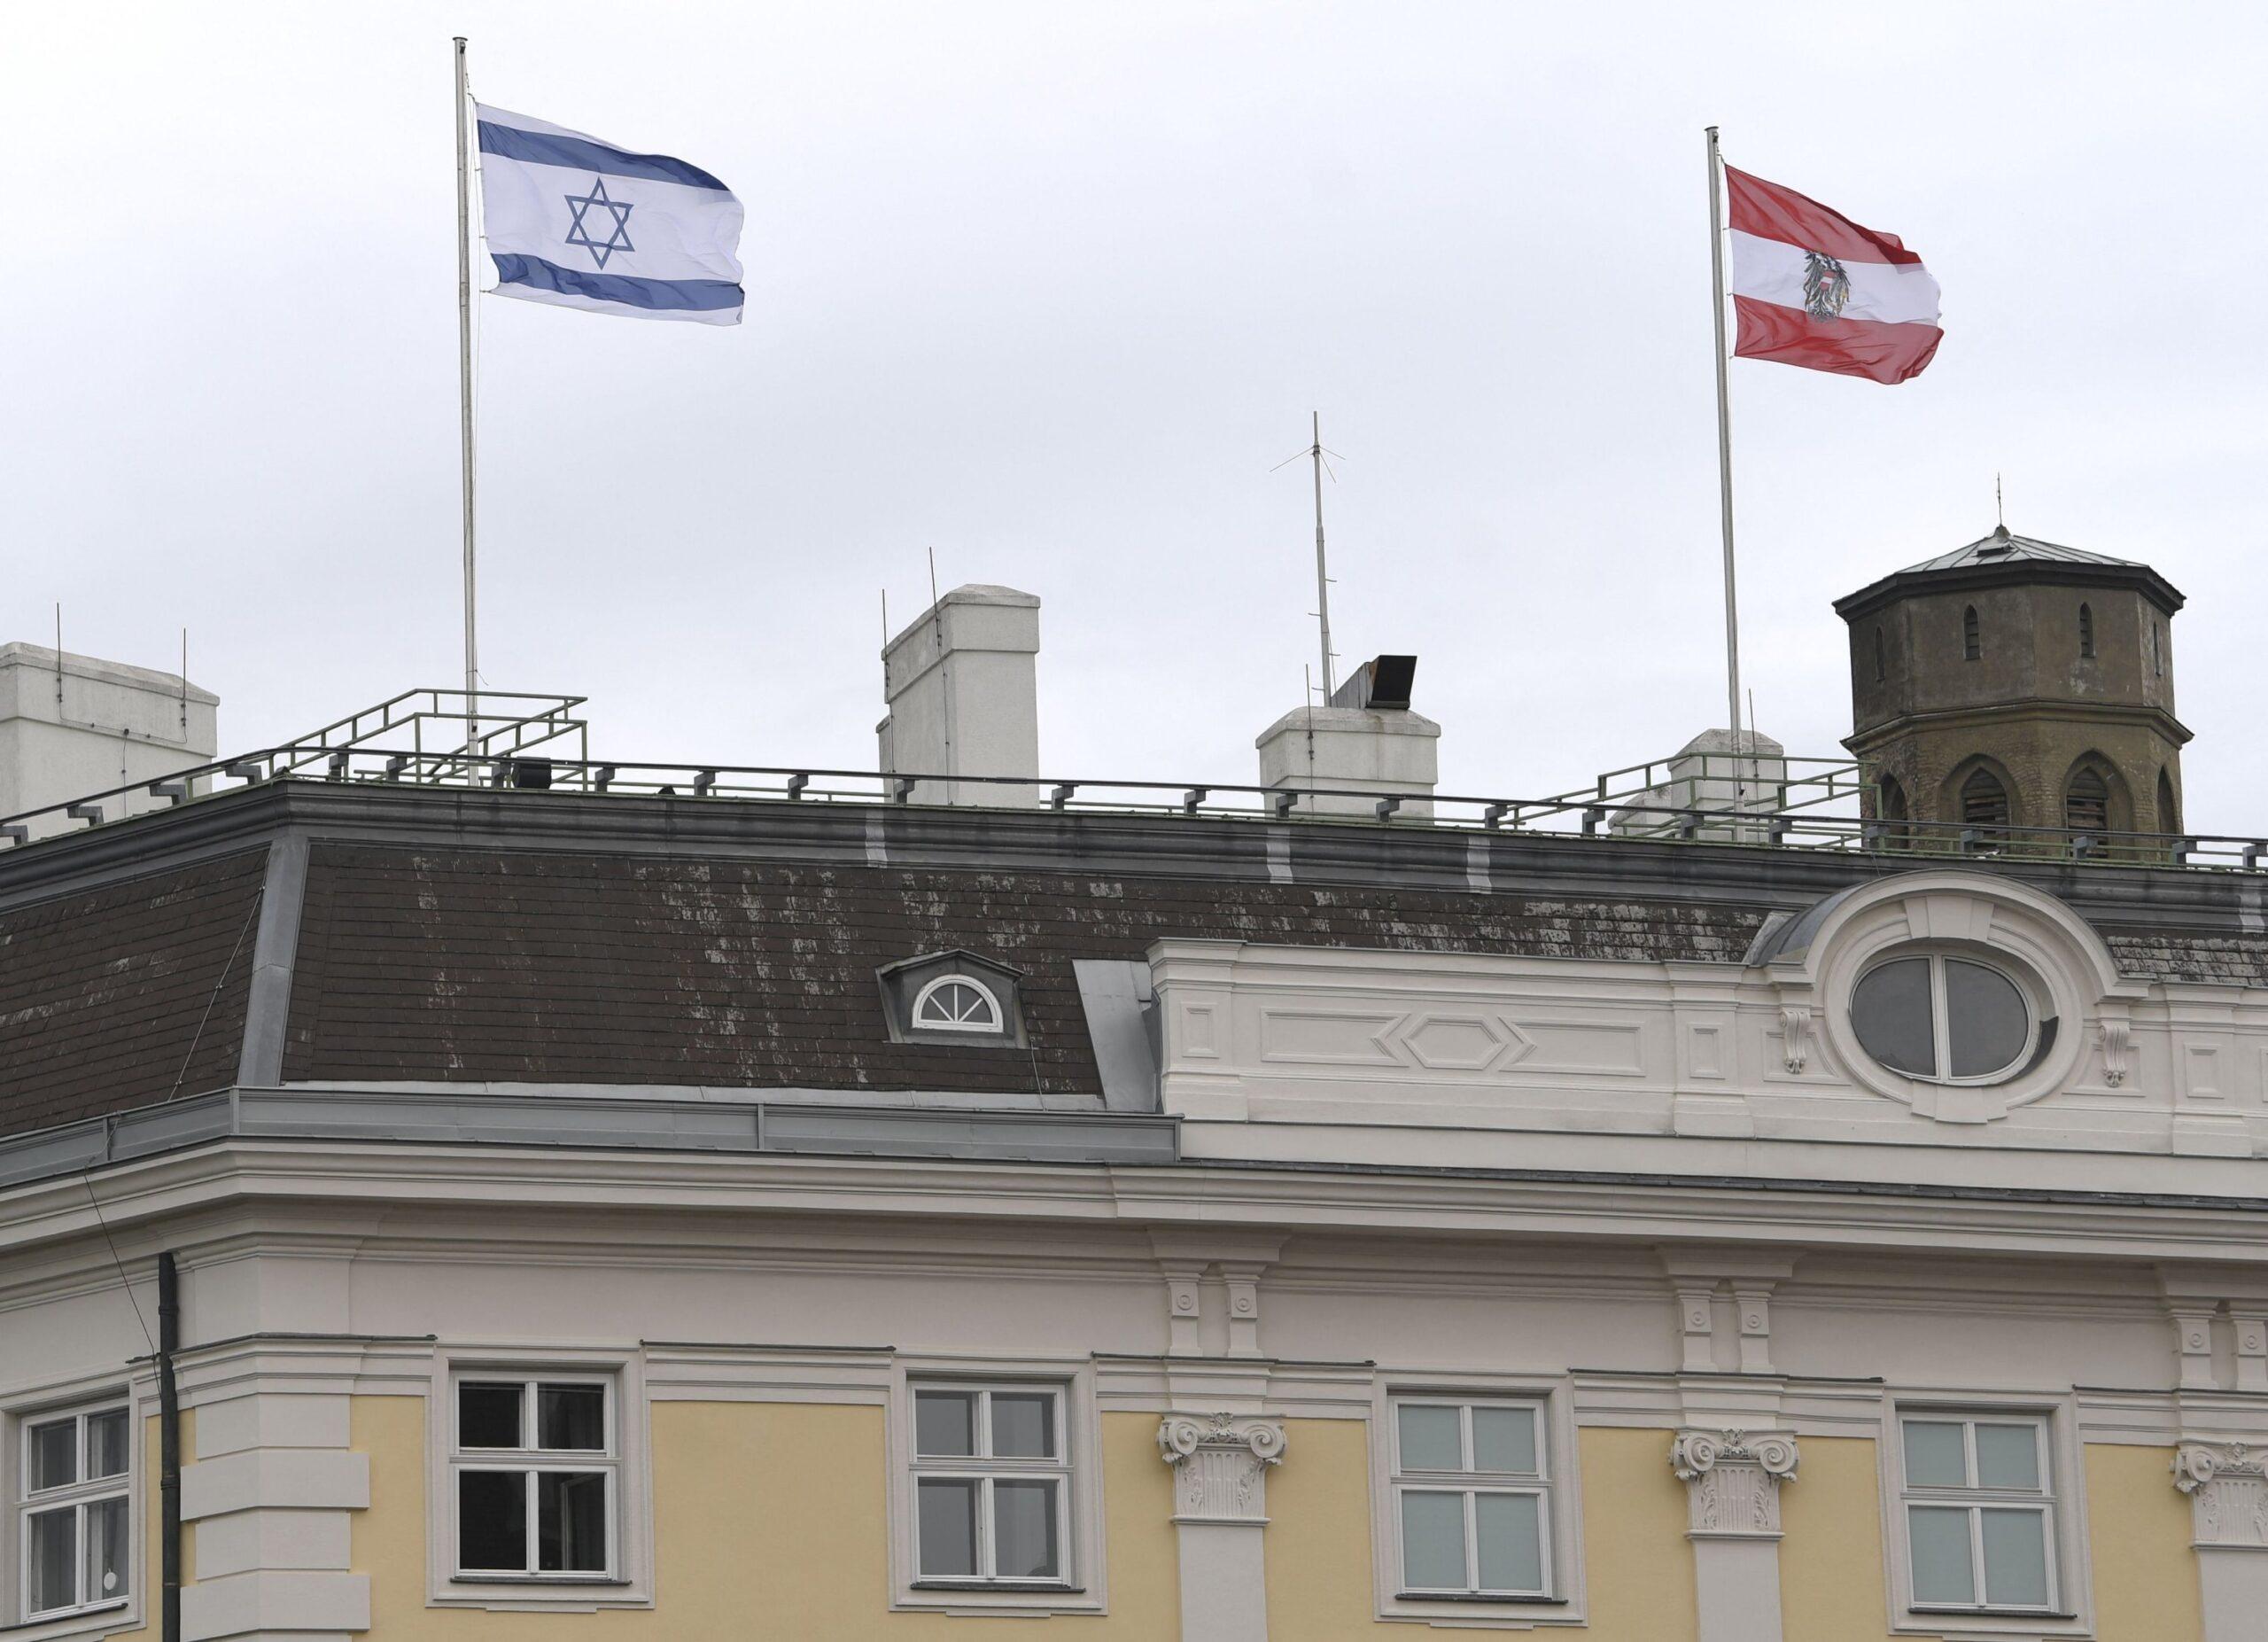 Berágtak az arab országok, hogy izraeli zászlót tettek ki osztrák kormányzati épületekre